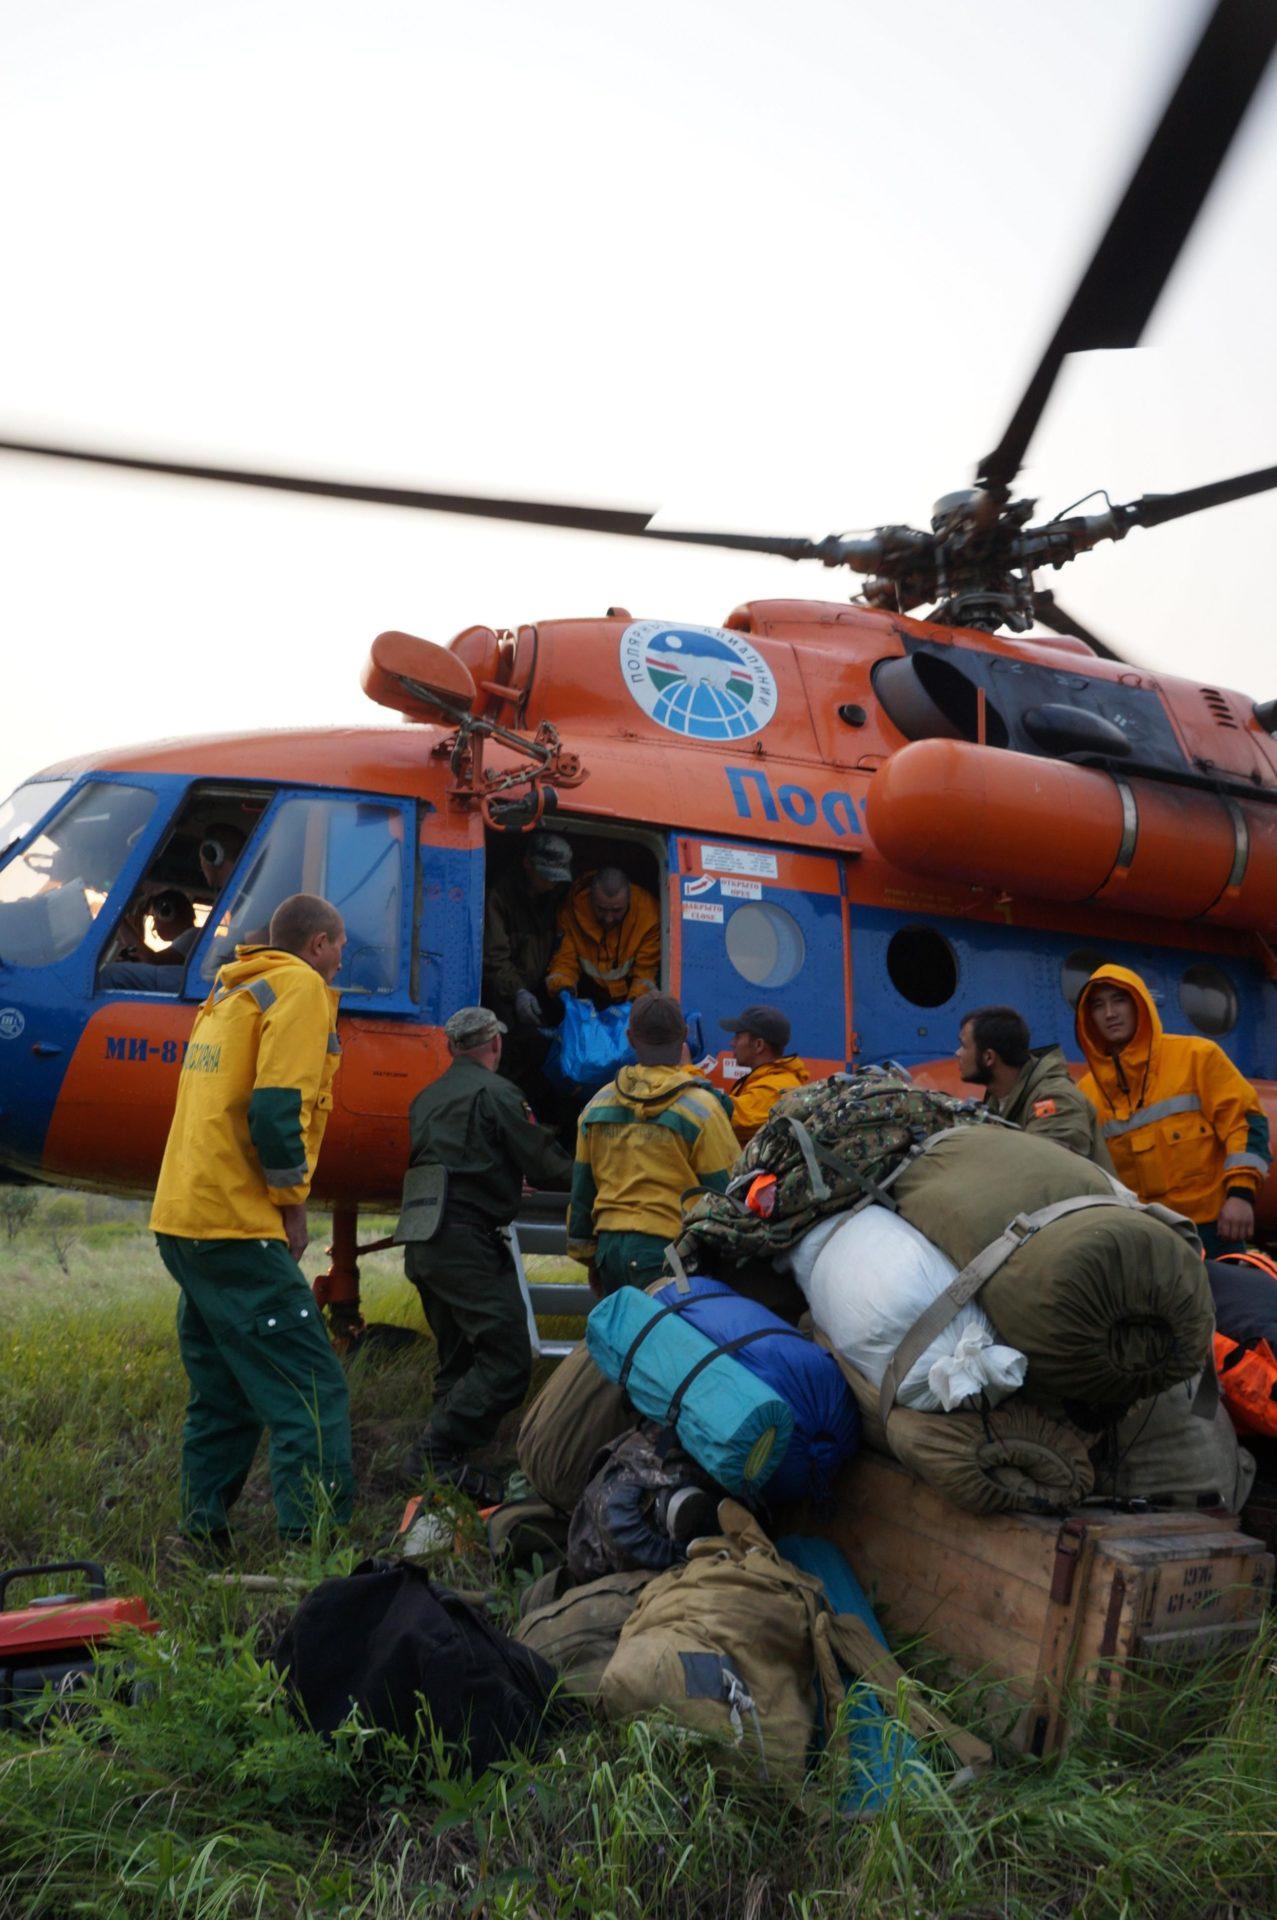 Кто борется с лесными пожарами, или Один день из жизни Авиалесоохраны